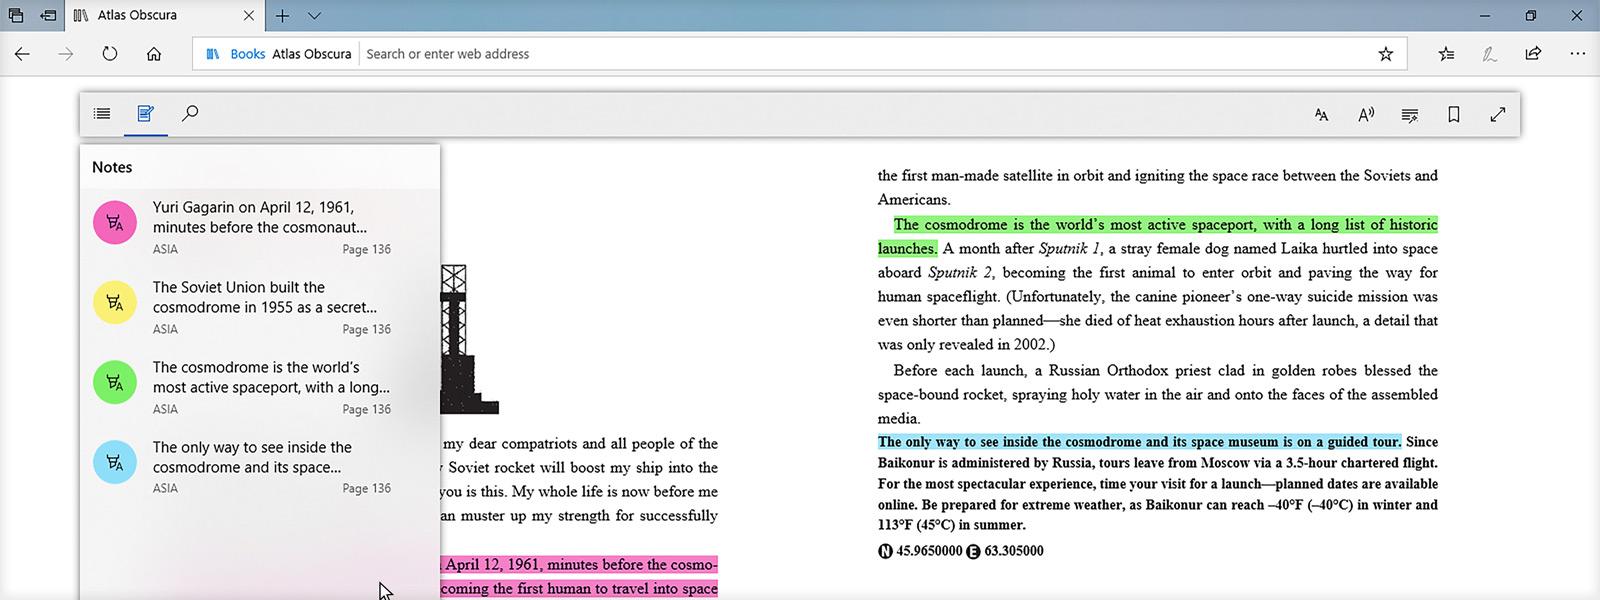 Pilt, millel kuvatakse Microsoft Edge'is raamatu lugemise ajal esile tõstetud tekst